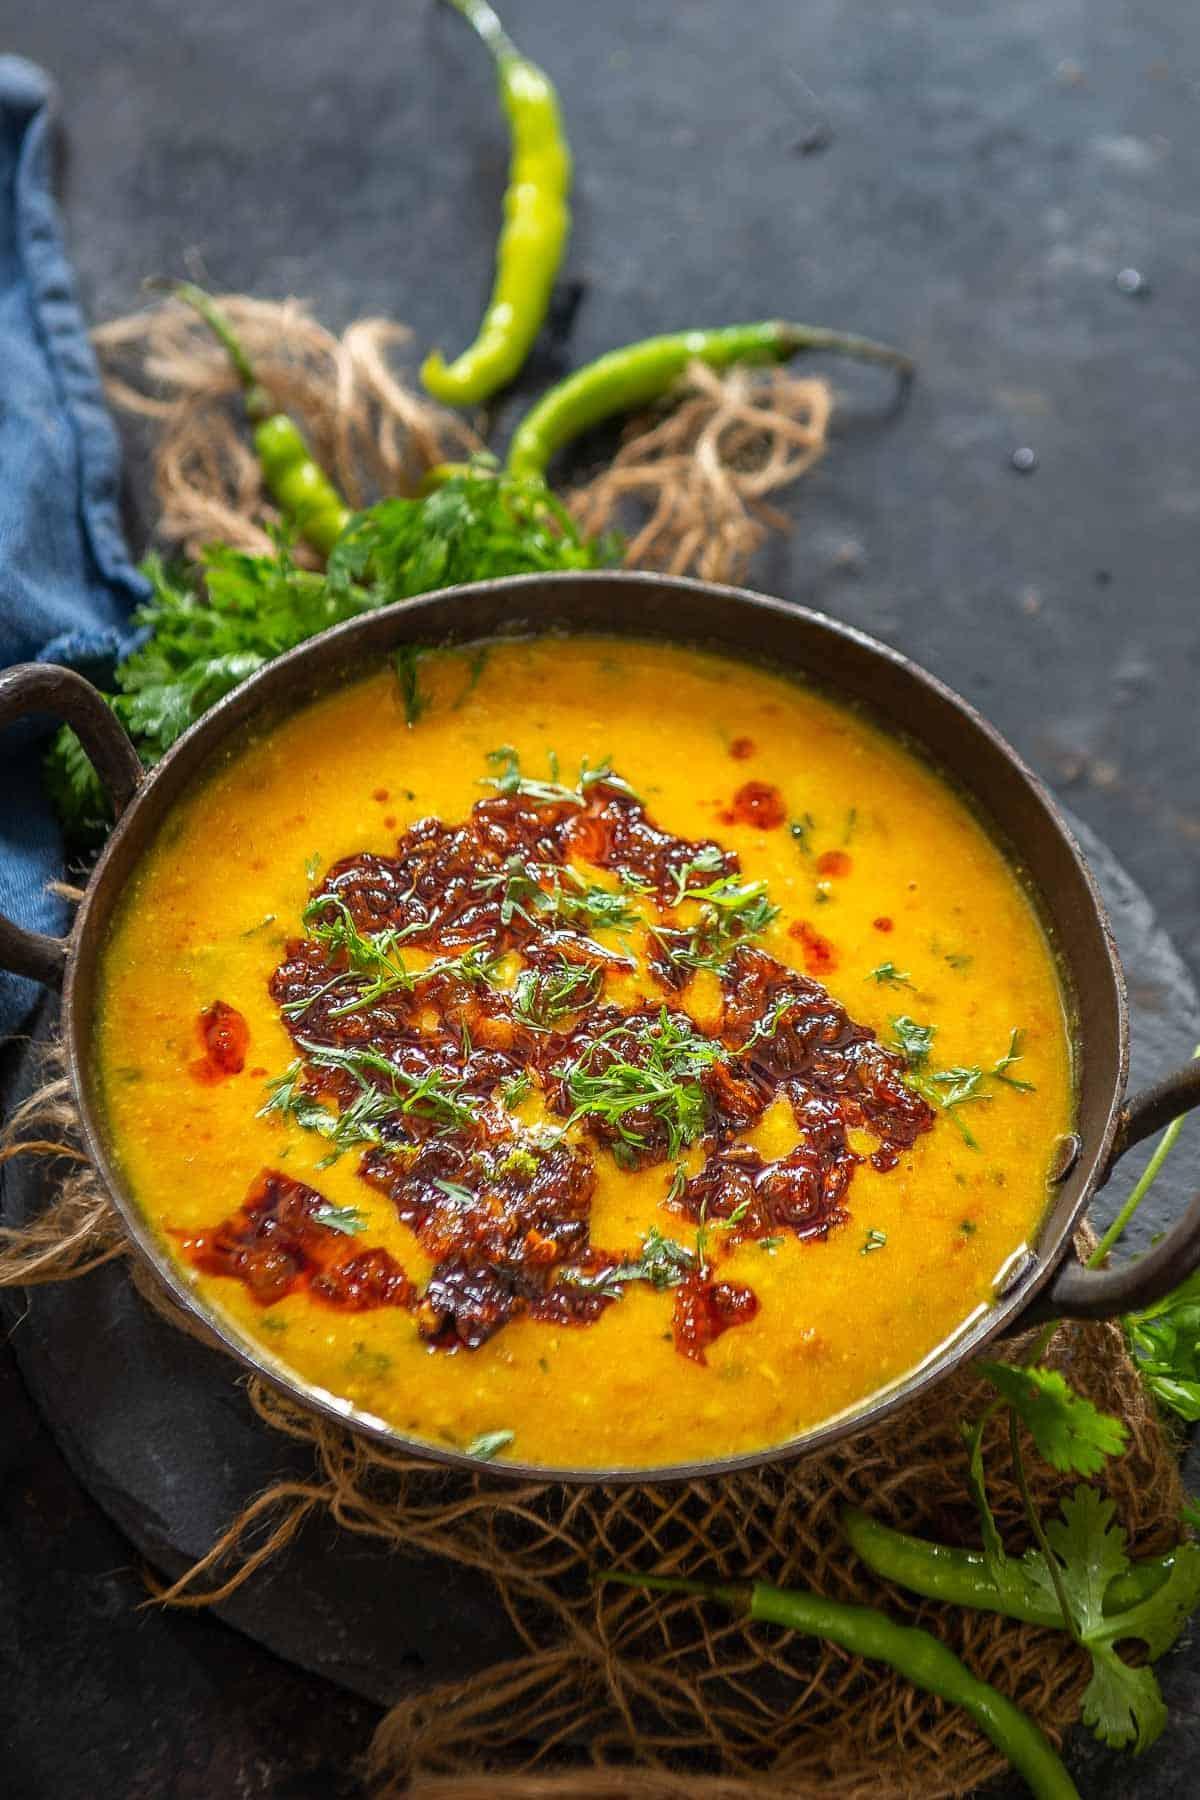 Shahi dal served in a bowl.